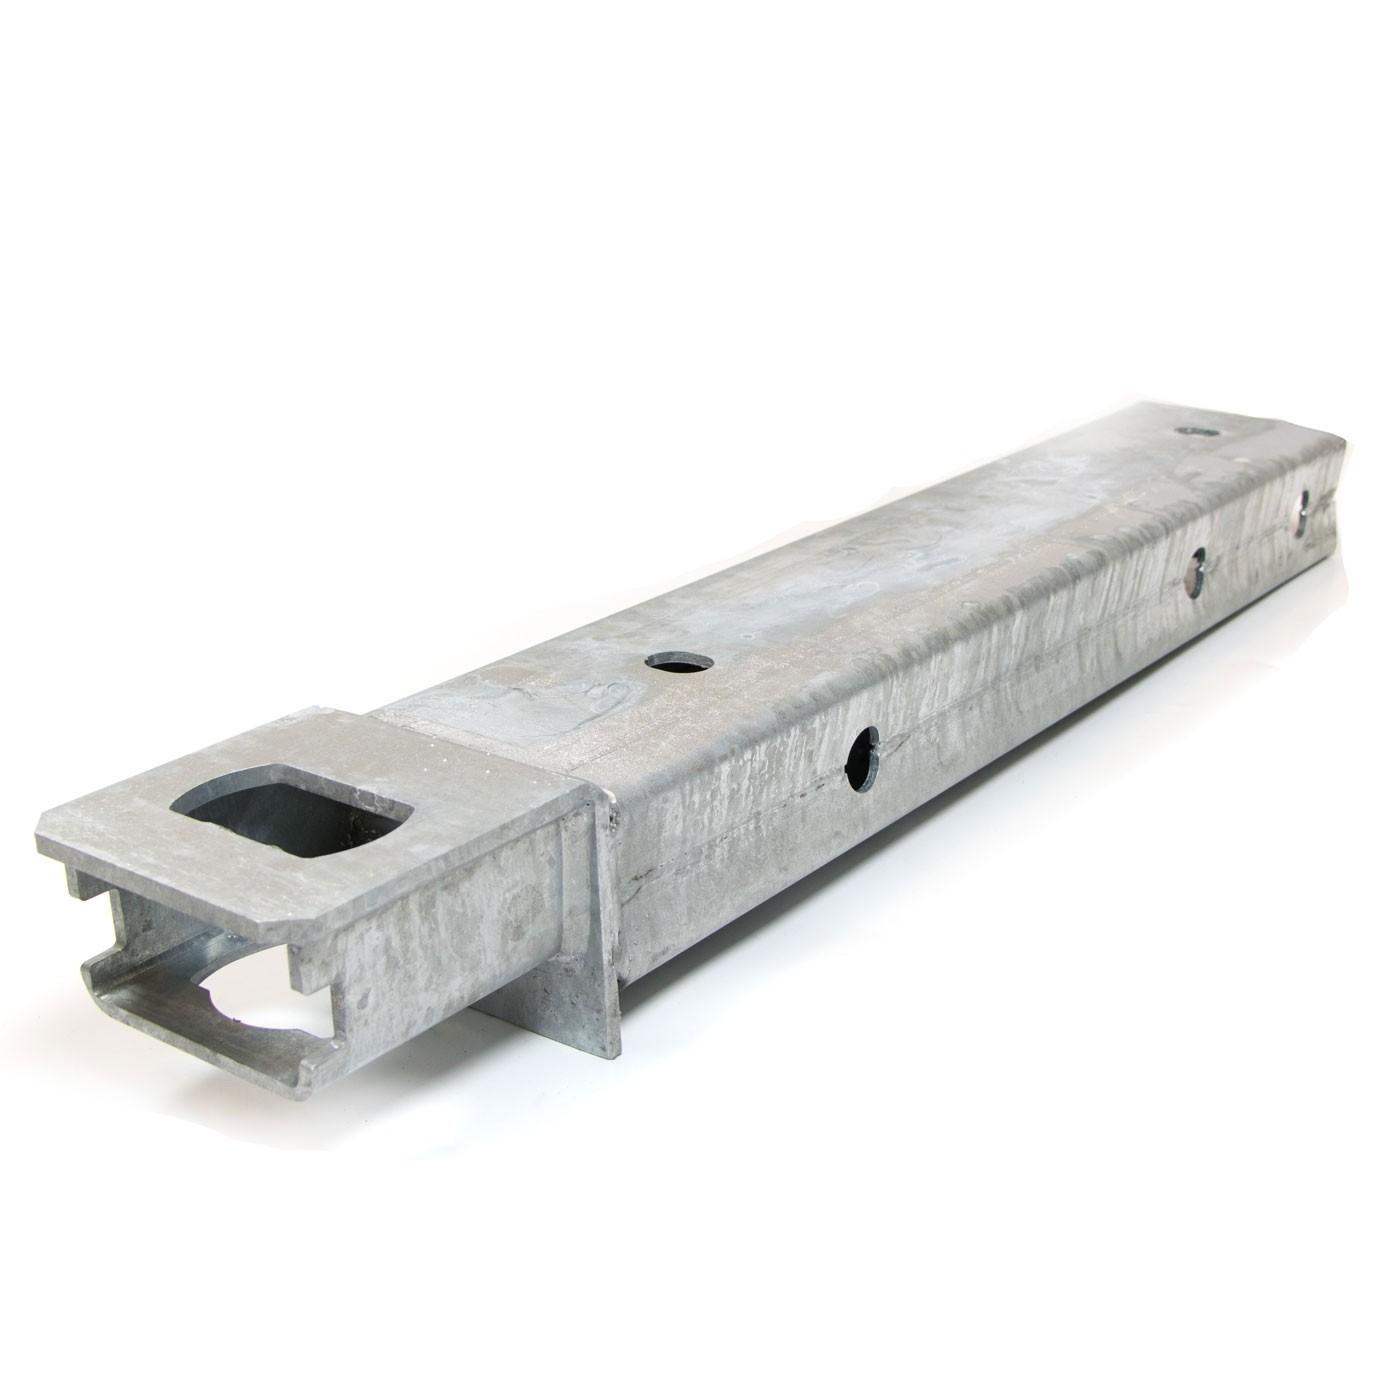 demontierbar twistlock rohr - allgemein - chassis teile - broshuis